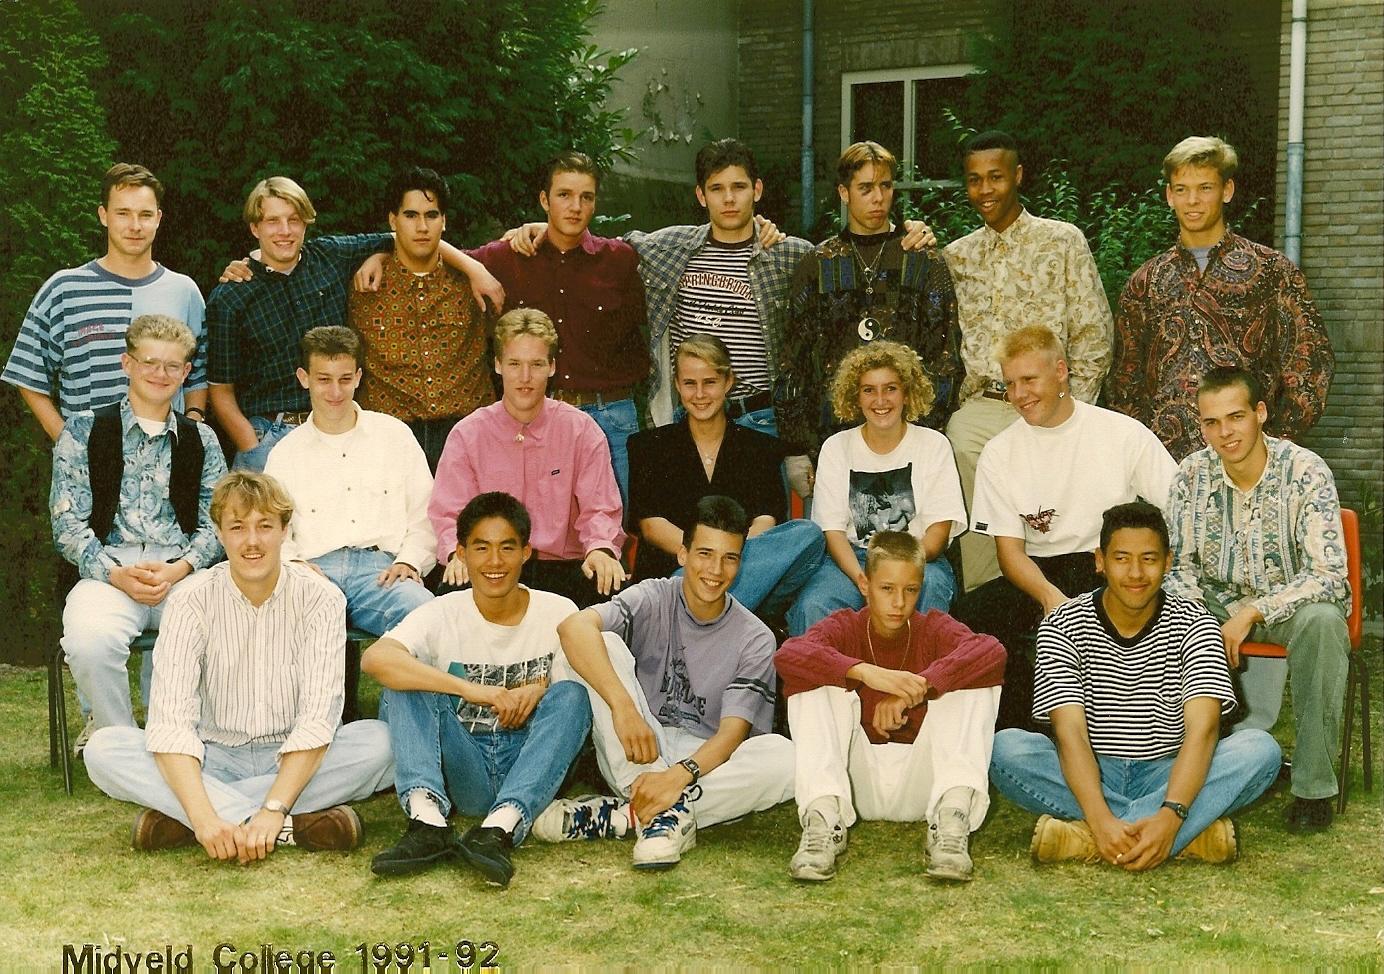 Midveld college foto